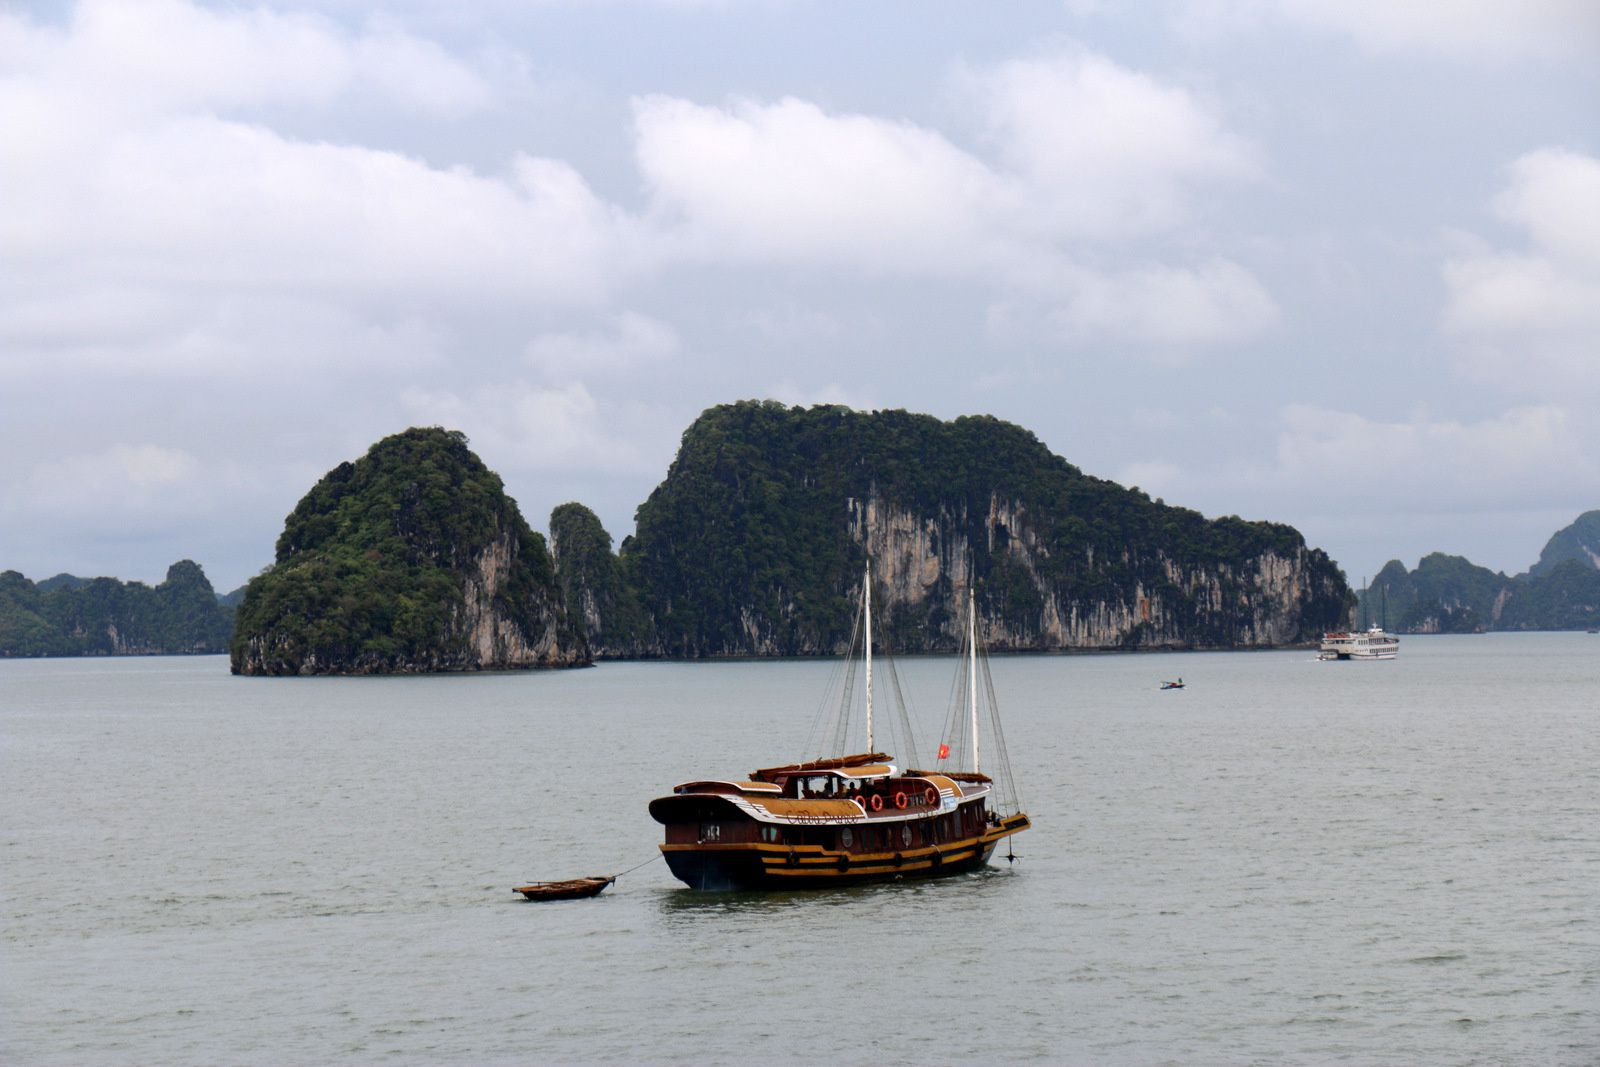 Paysages de la baie d'Halong au Vietnam